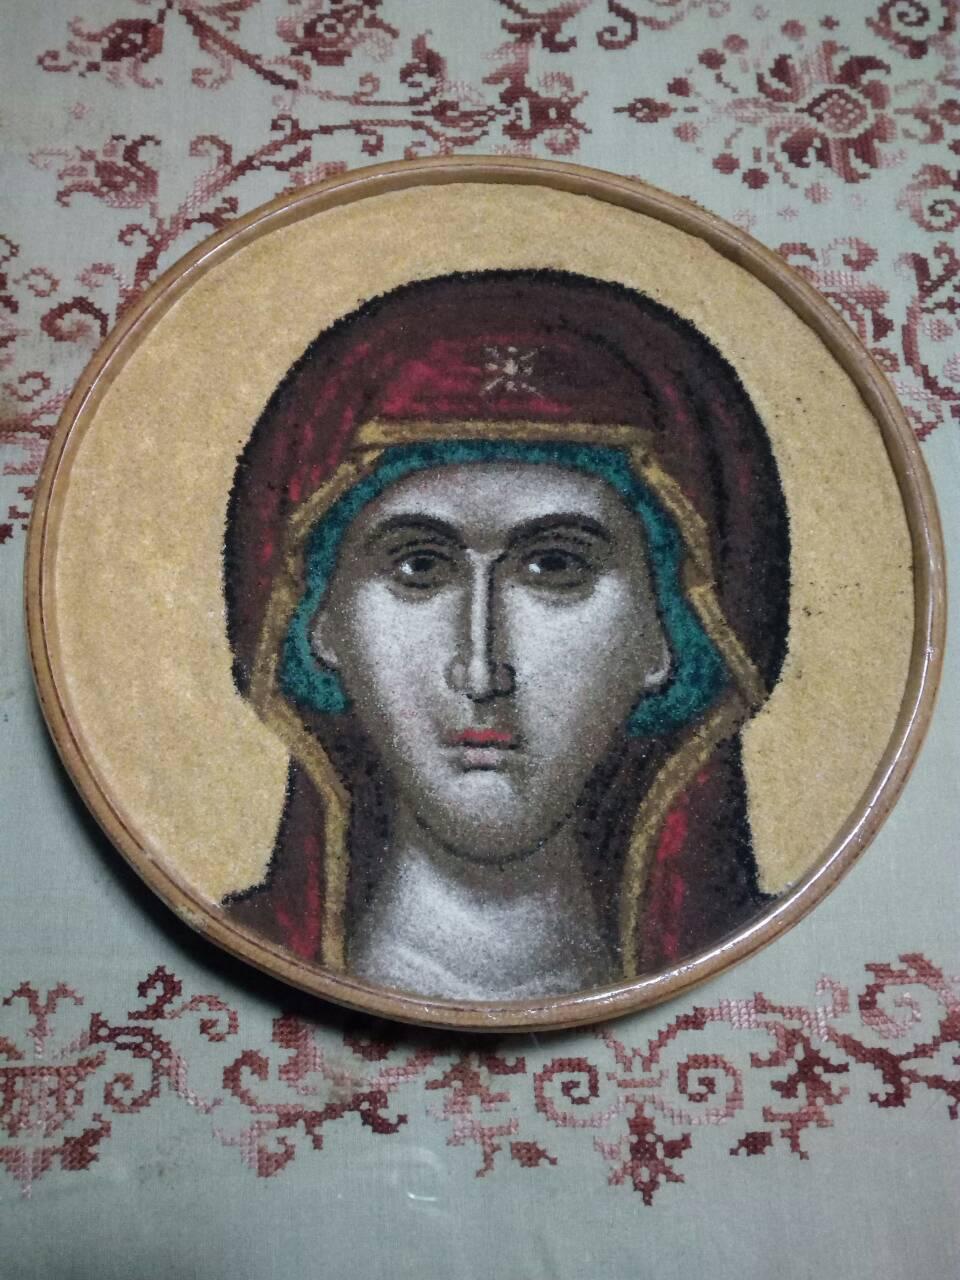 Κόλλυβα φιλοτεχνημένα απο τους Πατέρες της Ιεράς Μονής Προφήτη Ηλία Ερυθρών